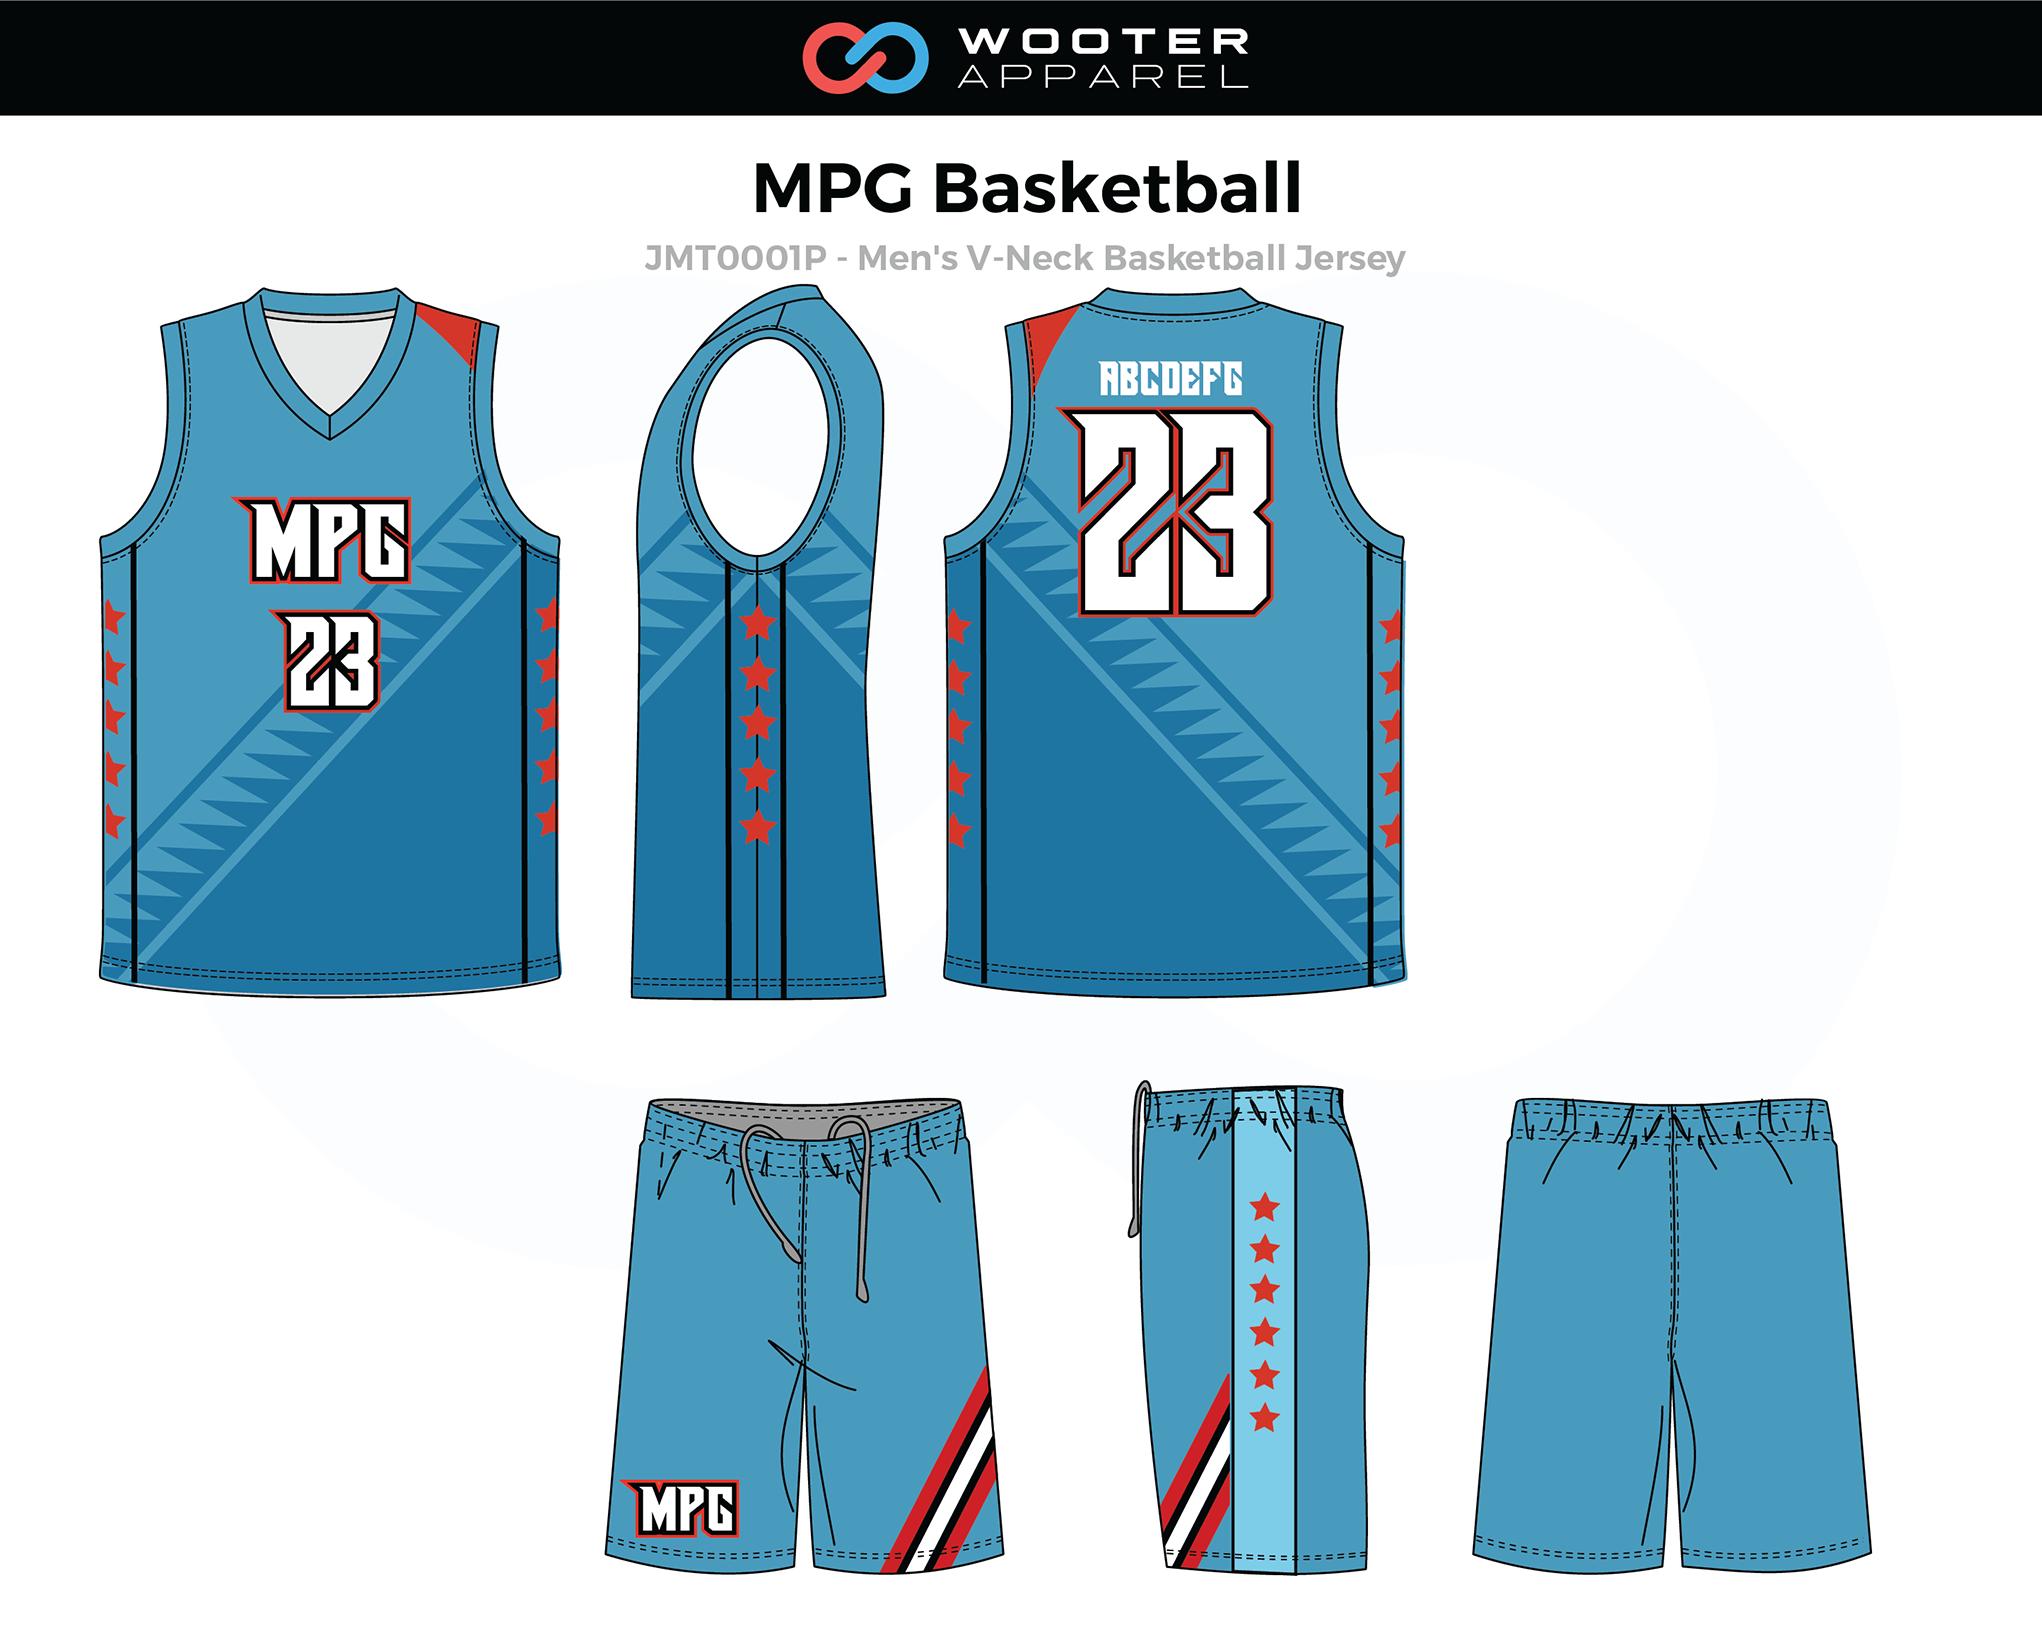 Mpg basketball - Men's V-Neck Basketball Jersey-01.png